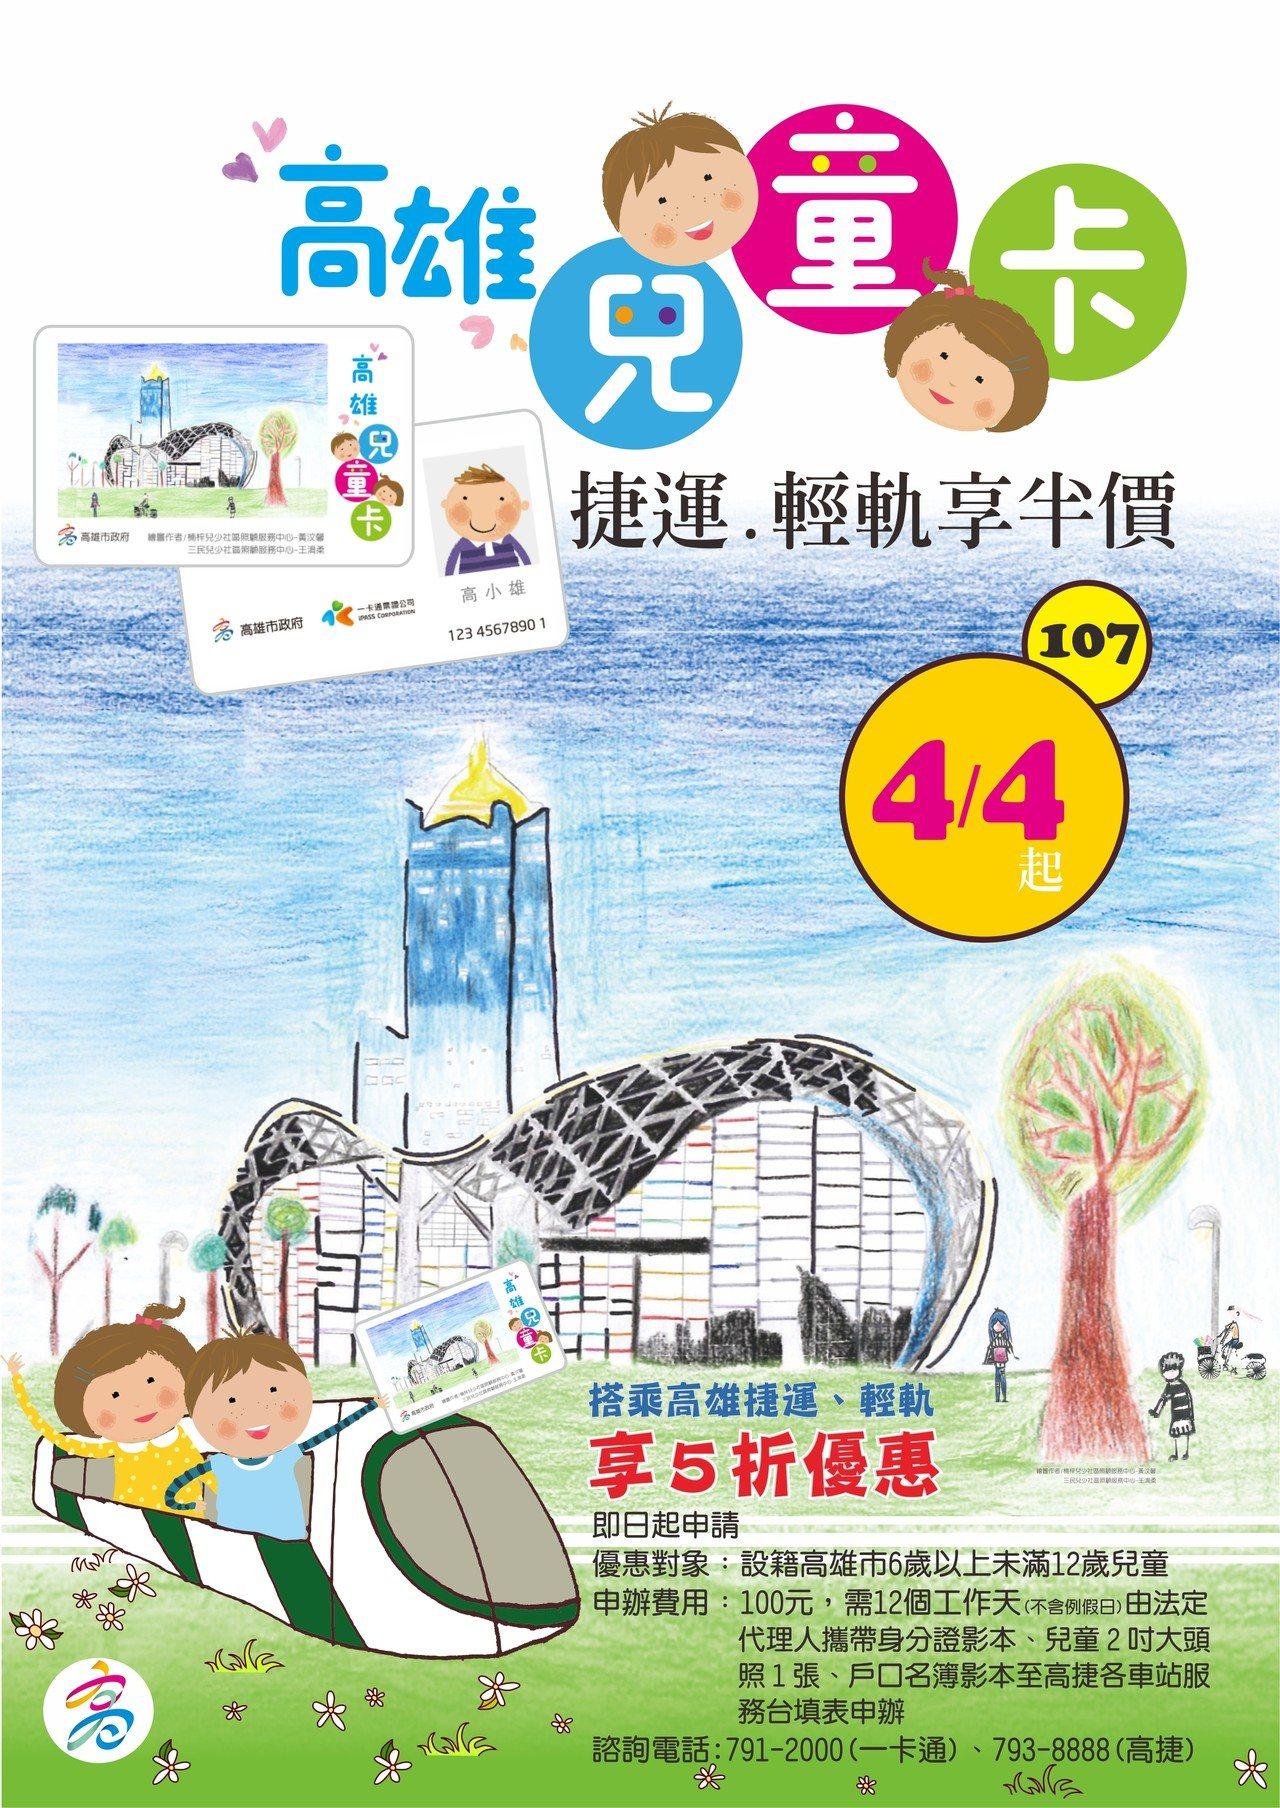 這張專屬高市兒童的「兒童卡」,持卡的兒童4月4日起搭捷運、輕軌、台鐵和公車都可享...